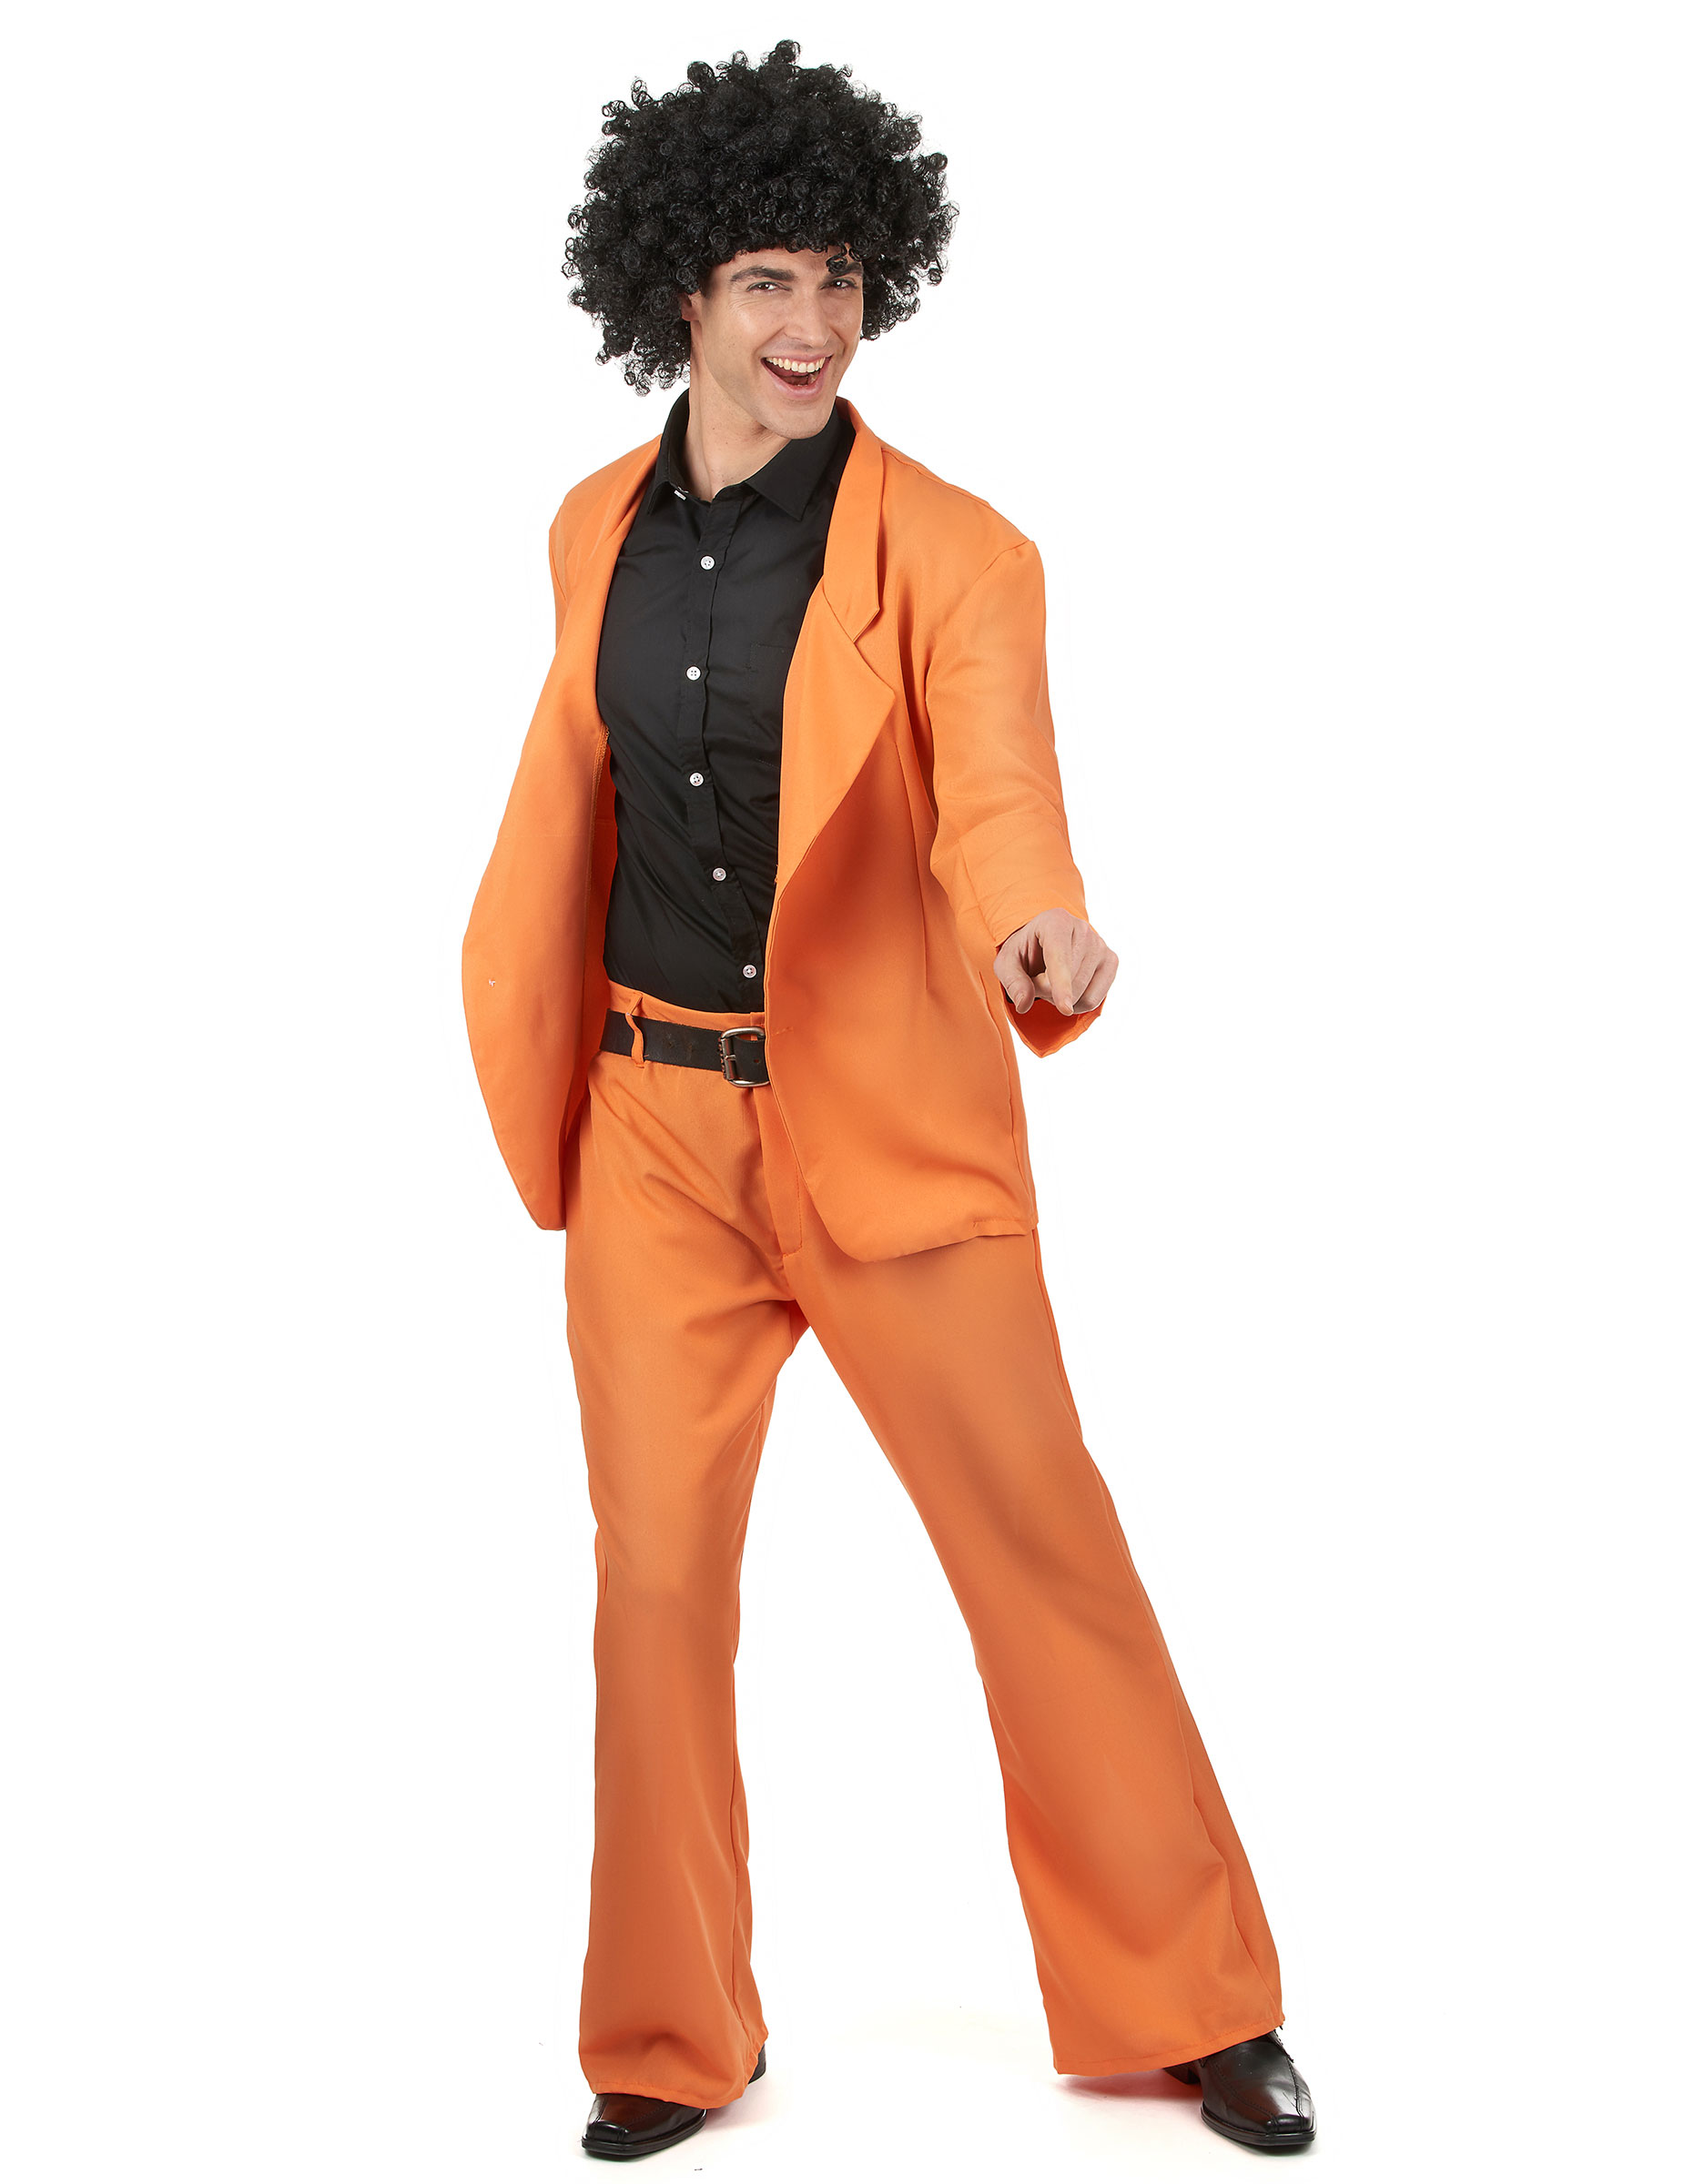 godere di un prezzo economico attraente e resistente adatto a uomini/donne Costume Disco anni 70 arancione uomo su VegaooParty, negozio di articoli  per feste